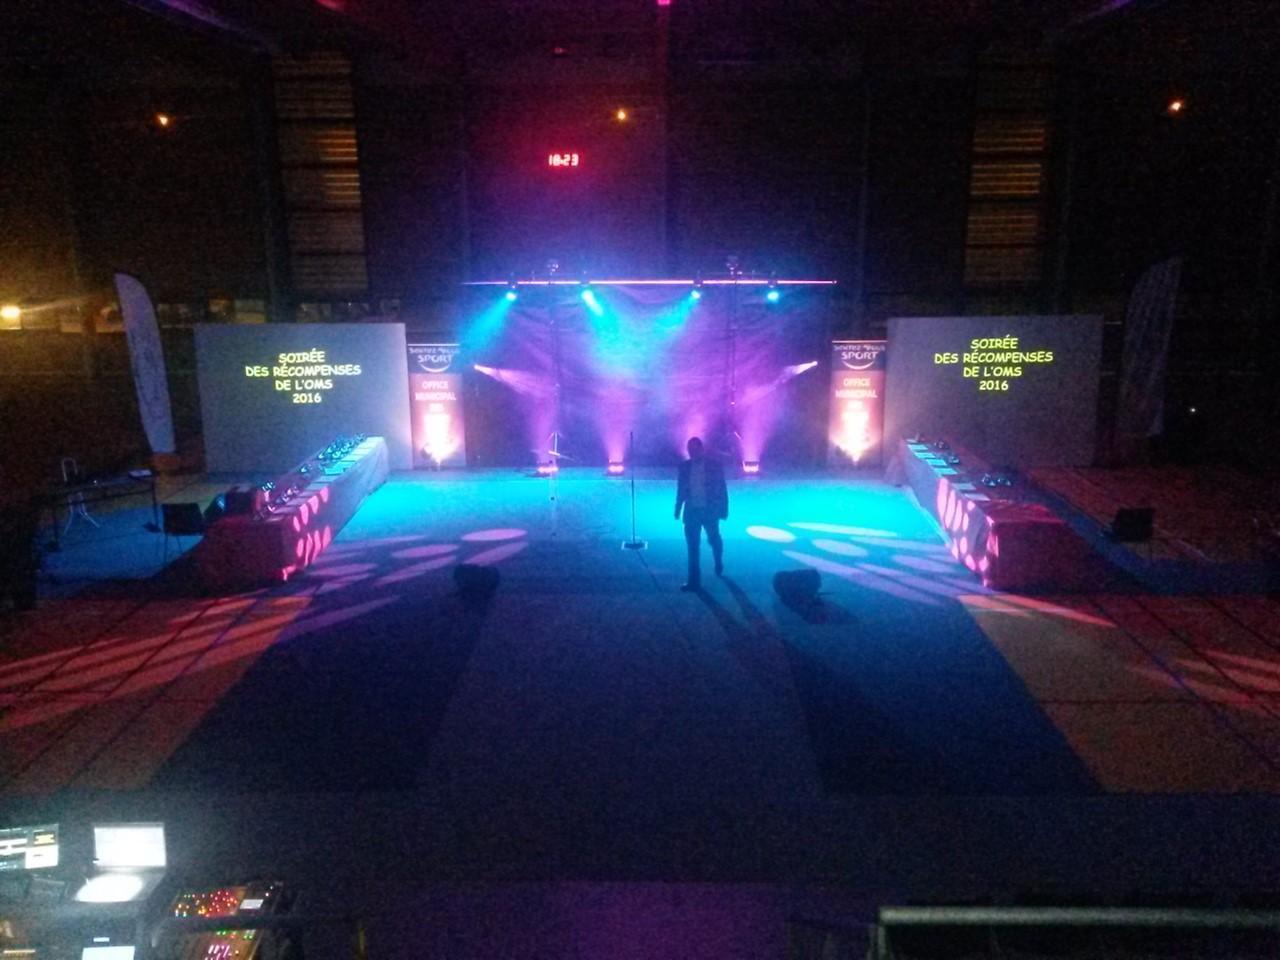 Son, Eclairage & Vidéo, Solarine event's (Photo des réglages vidéos)